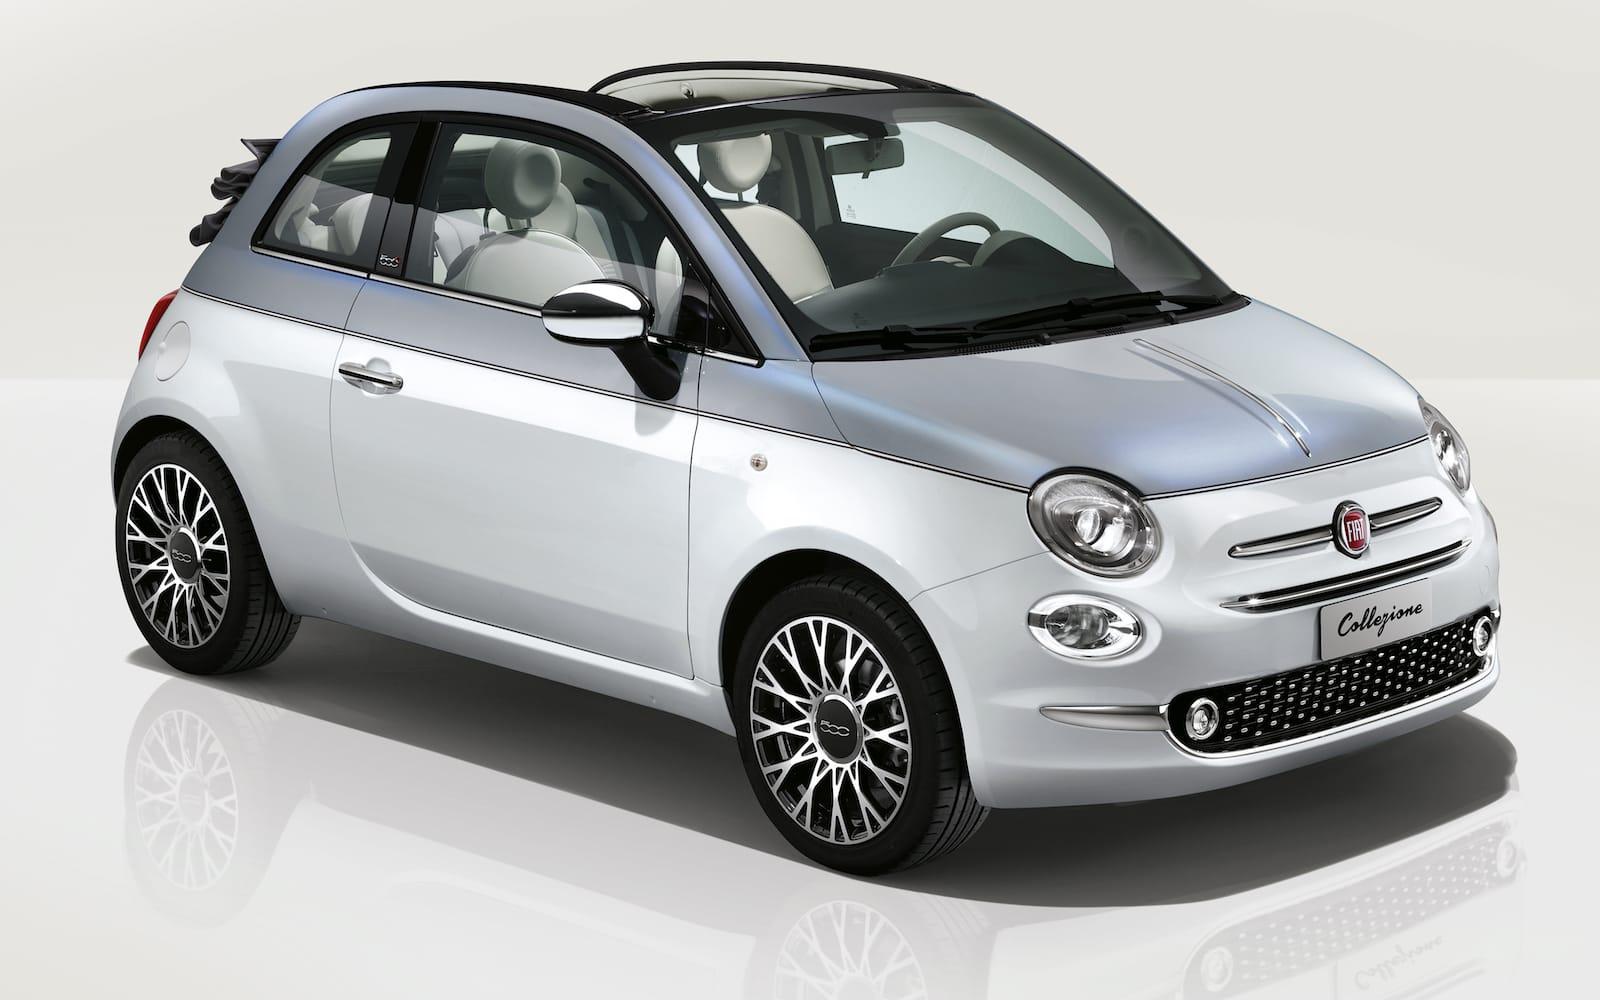 Fiat-500-Collezione-1.jpg.pagespeed.ce.eriJfgrbqj